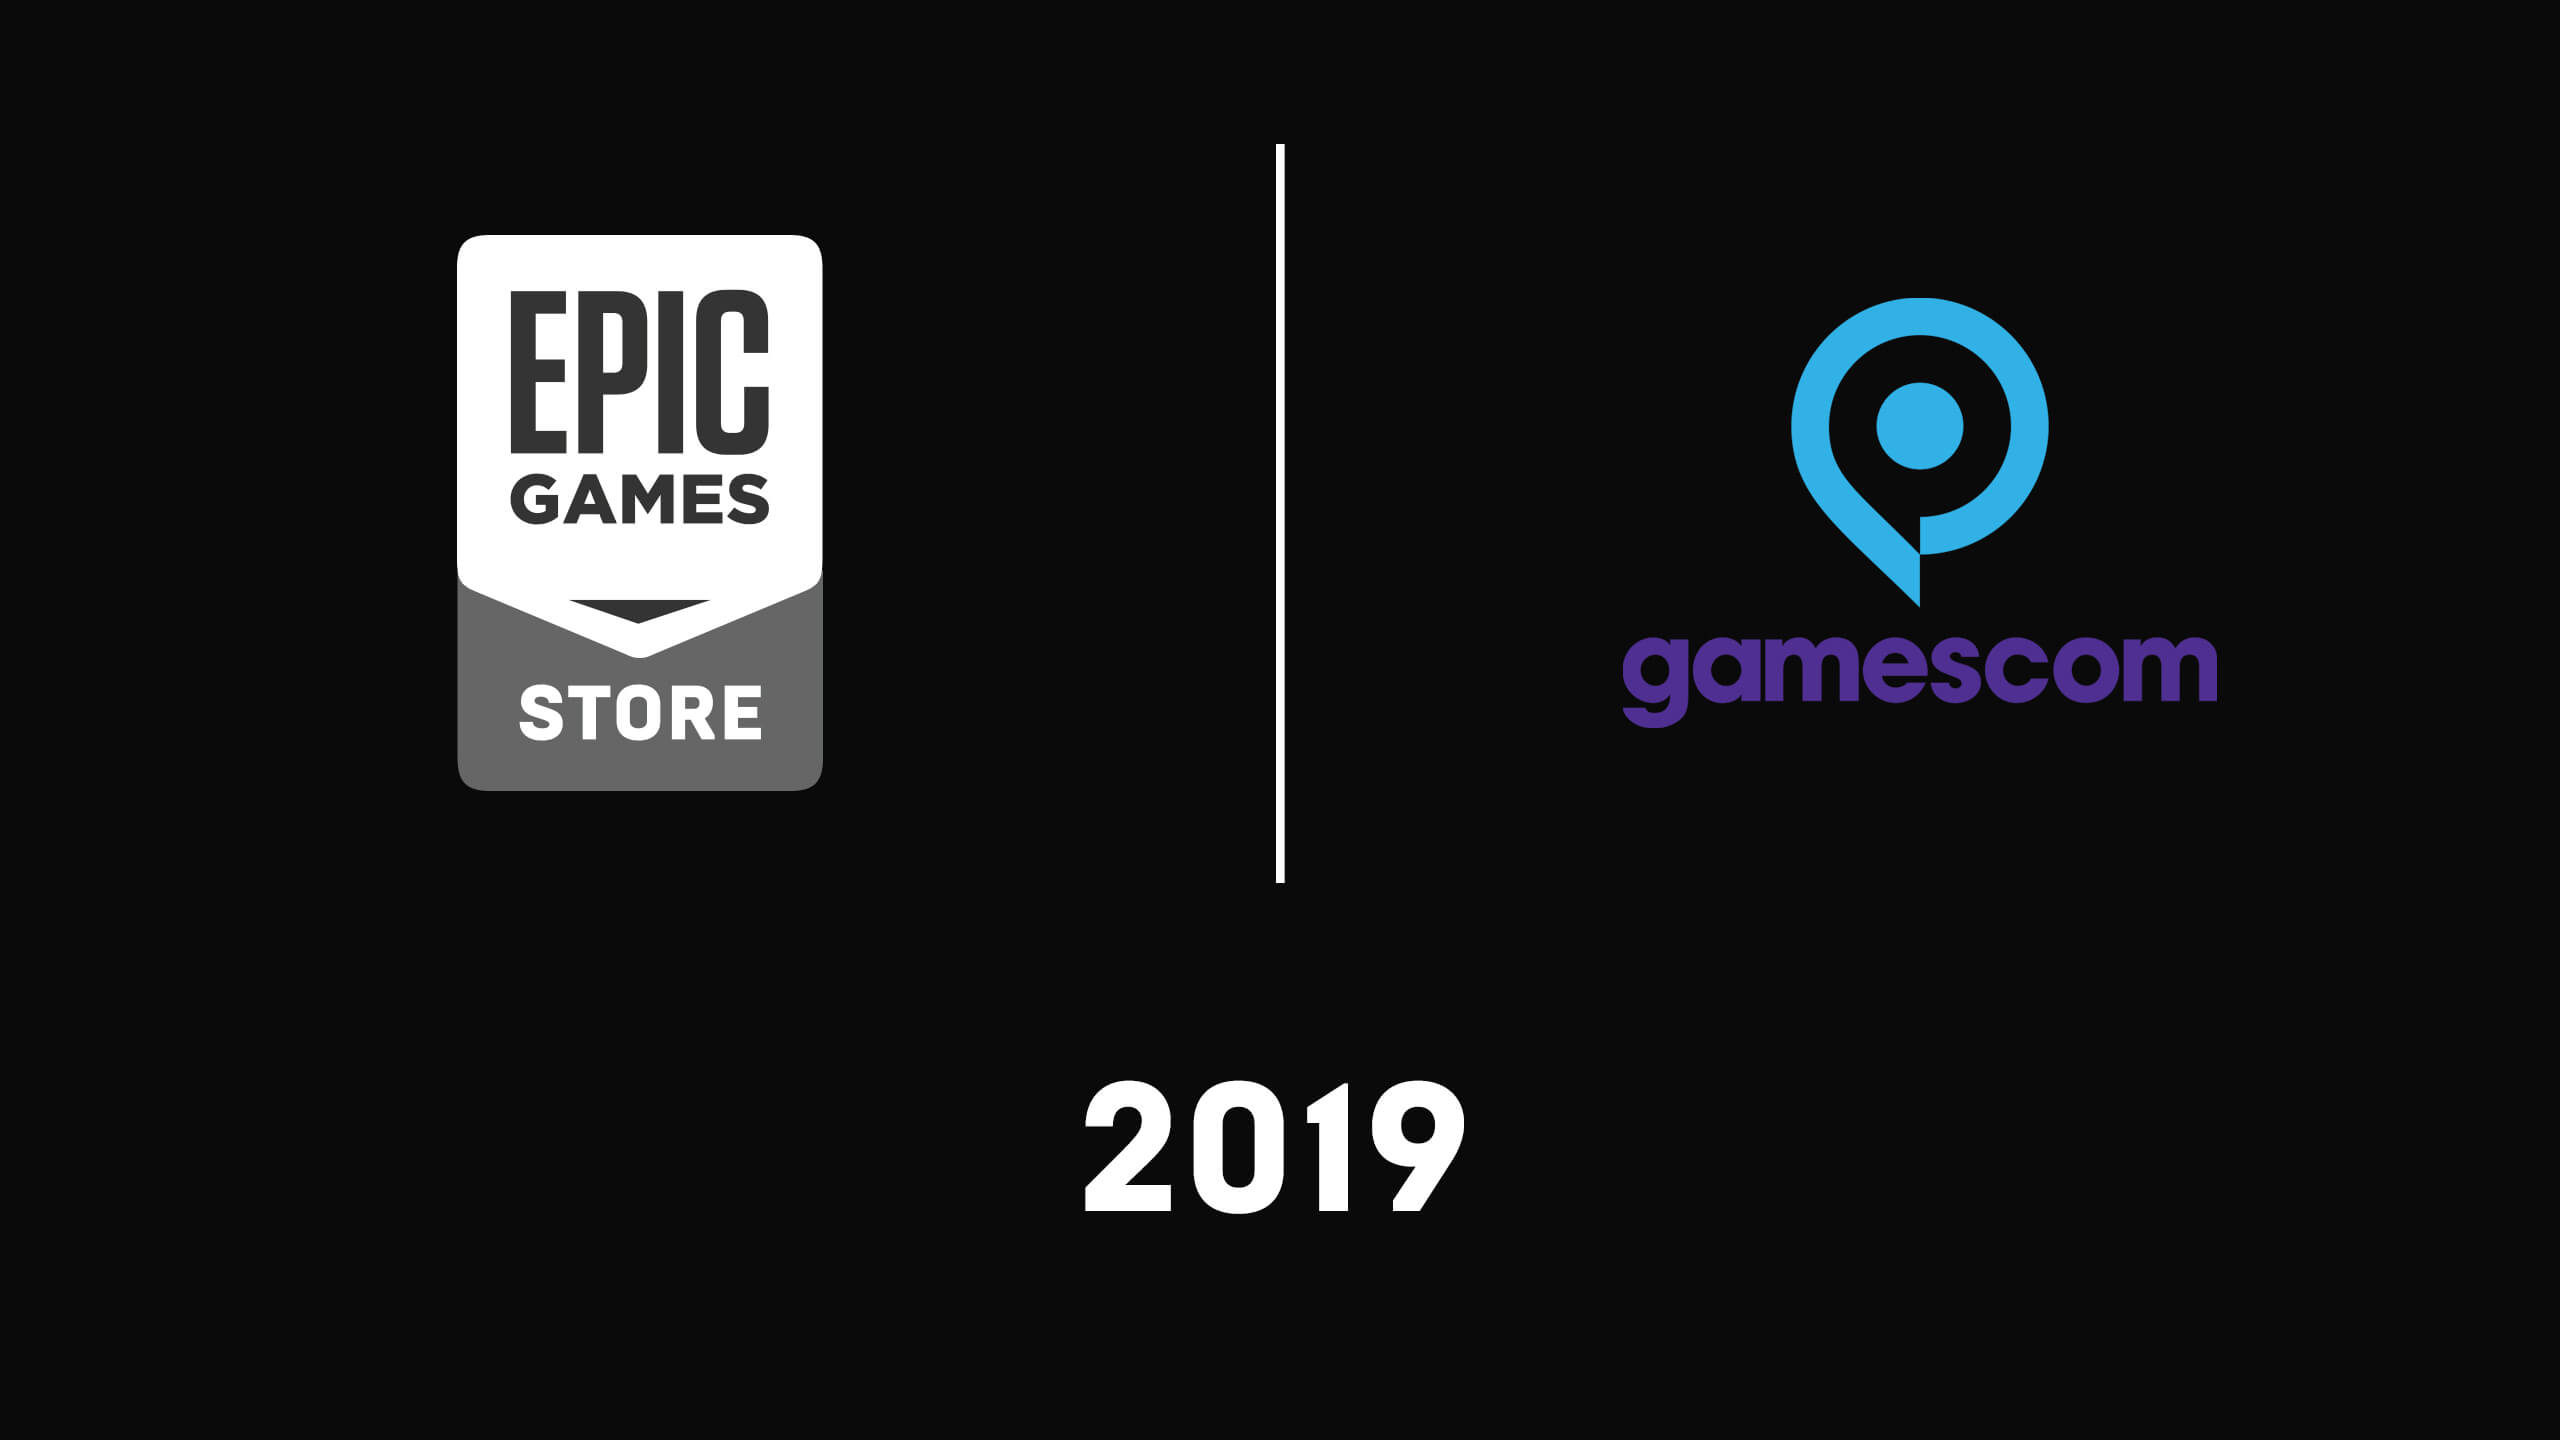 Epic Games At Gamescom 2019